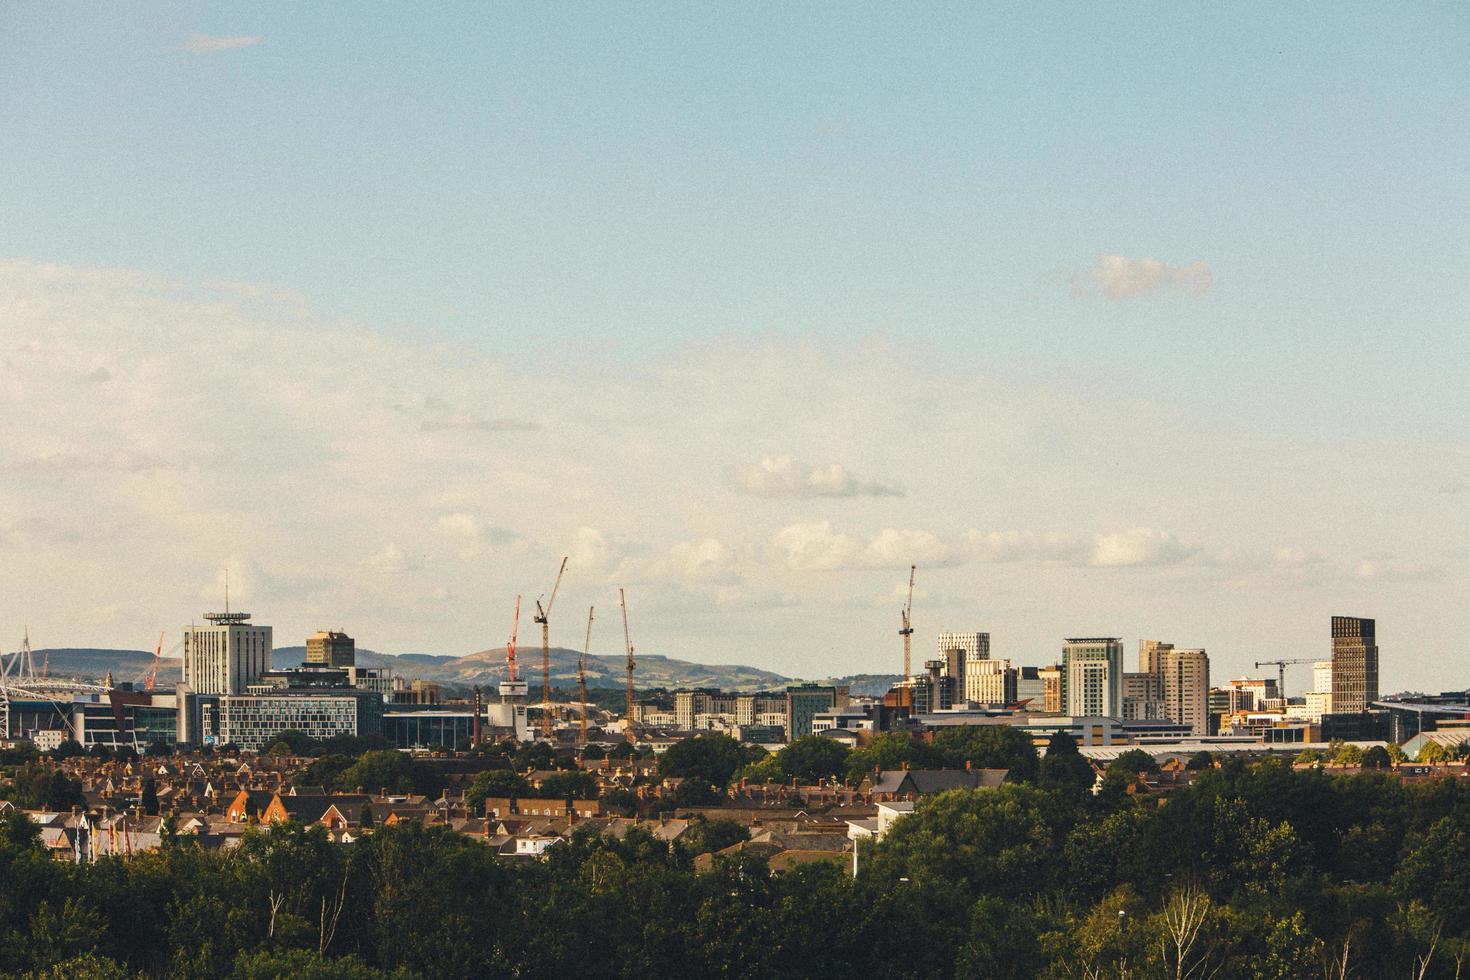 ville avec des immeubles de grande hauteur sous un ciel bleu photo